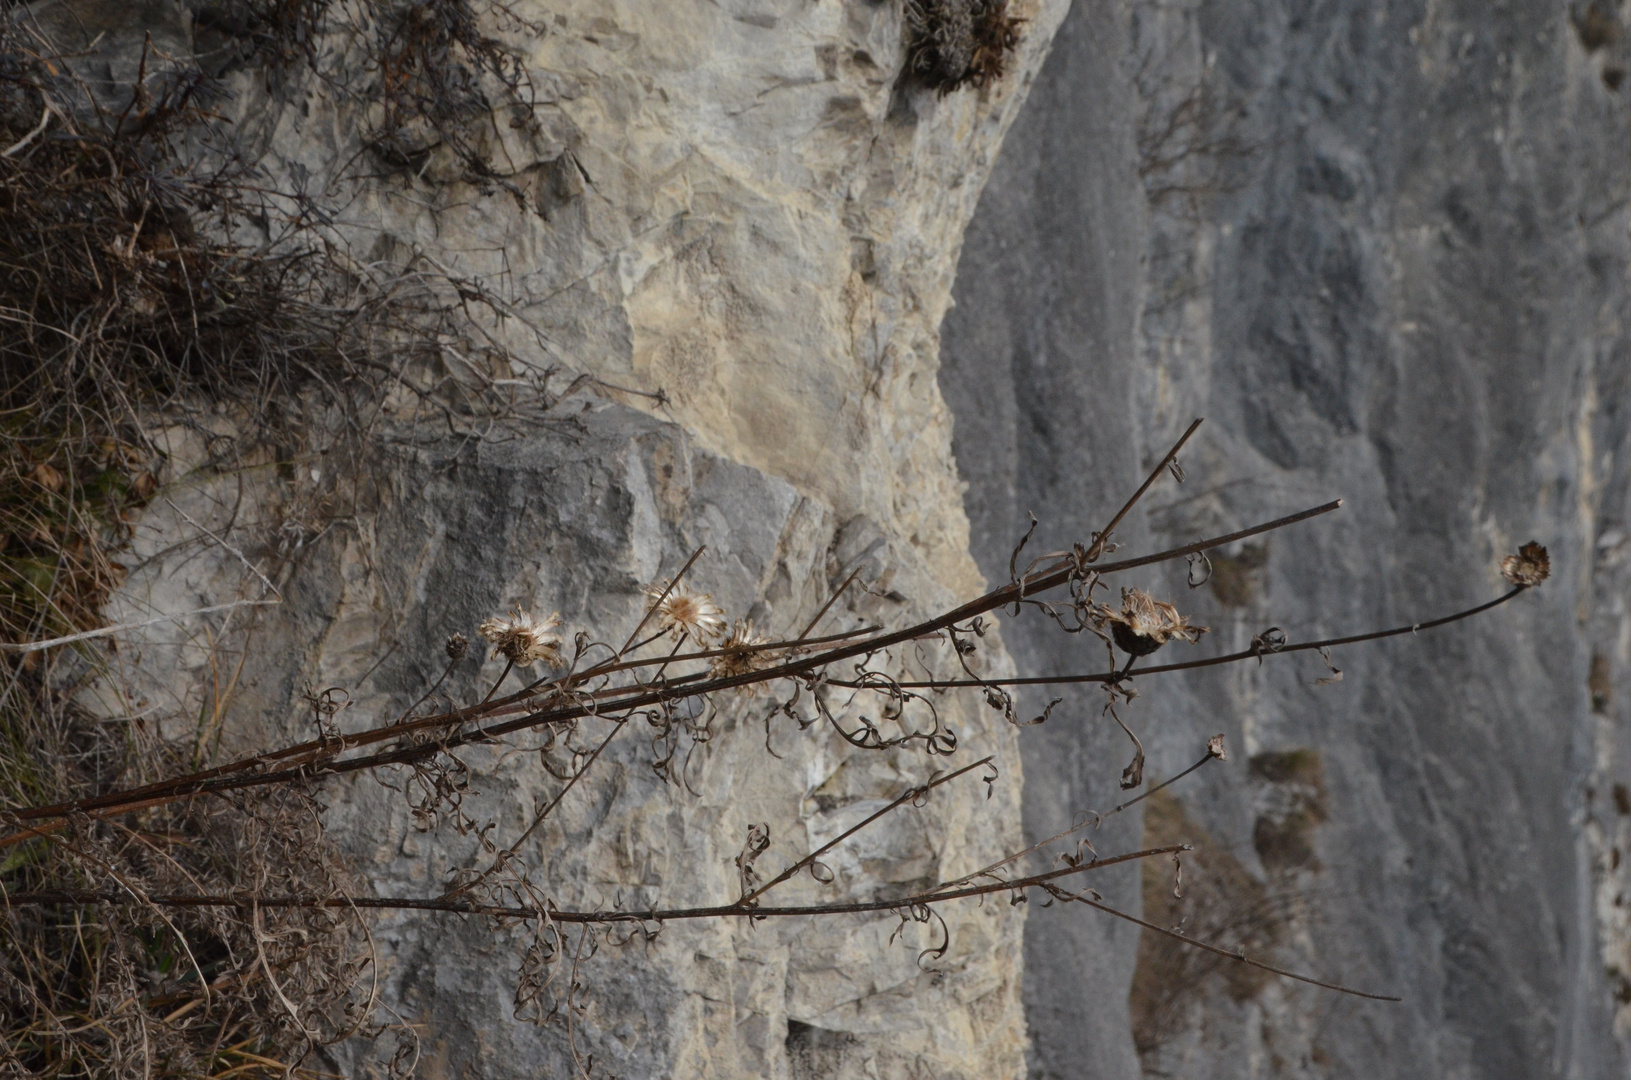 Trockenblumen am Klettersteig